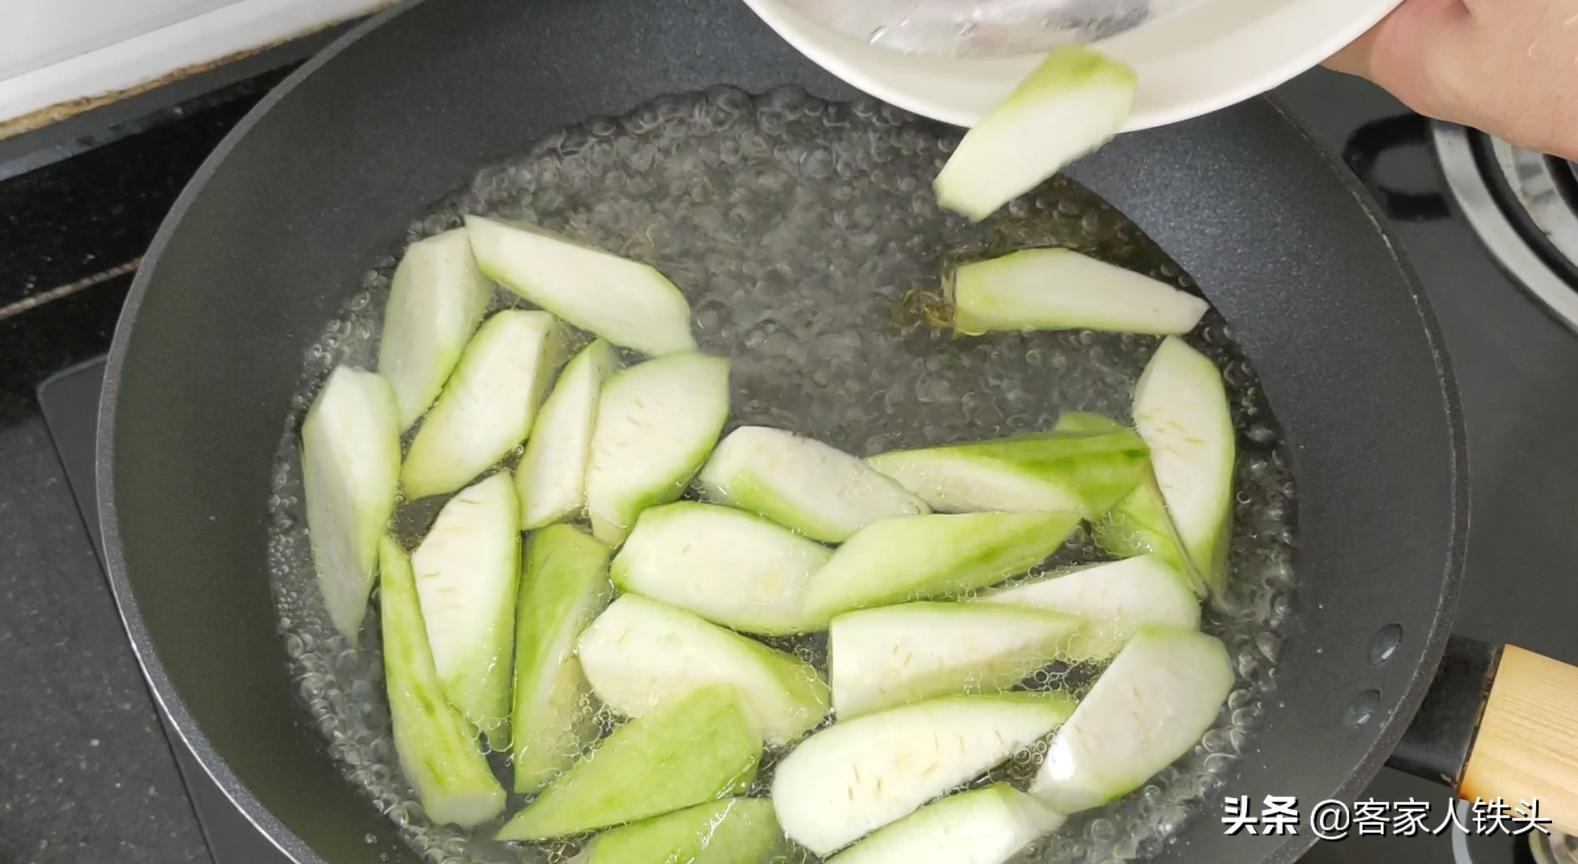 天热大虾别油焖,加2根丝瓜这样做真开胃,我家孩子吃了主动添饭